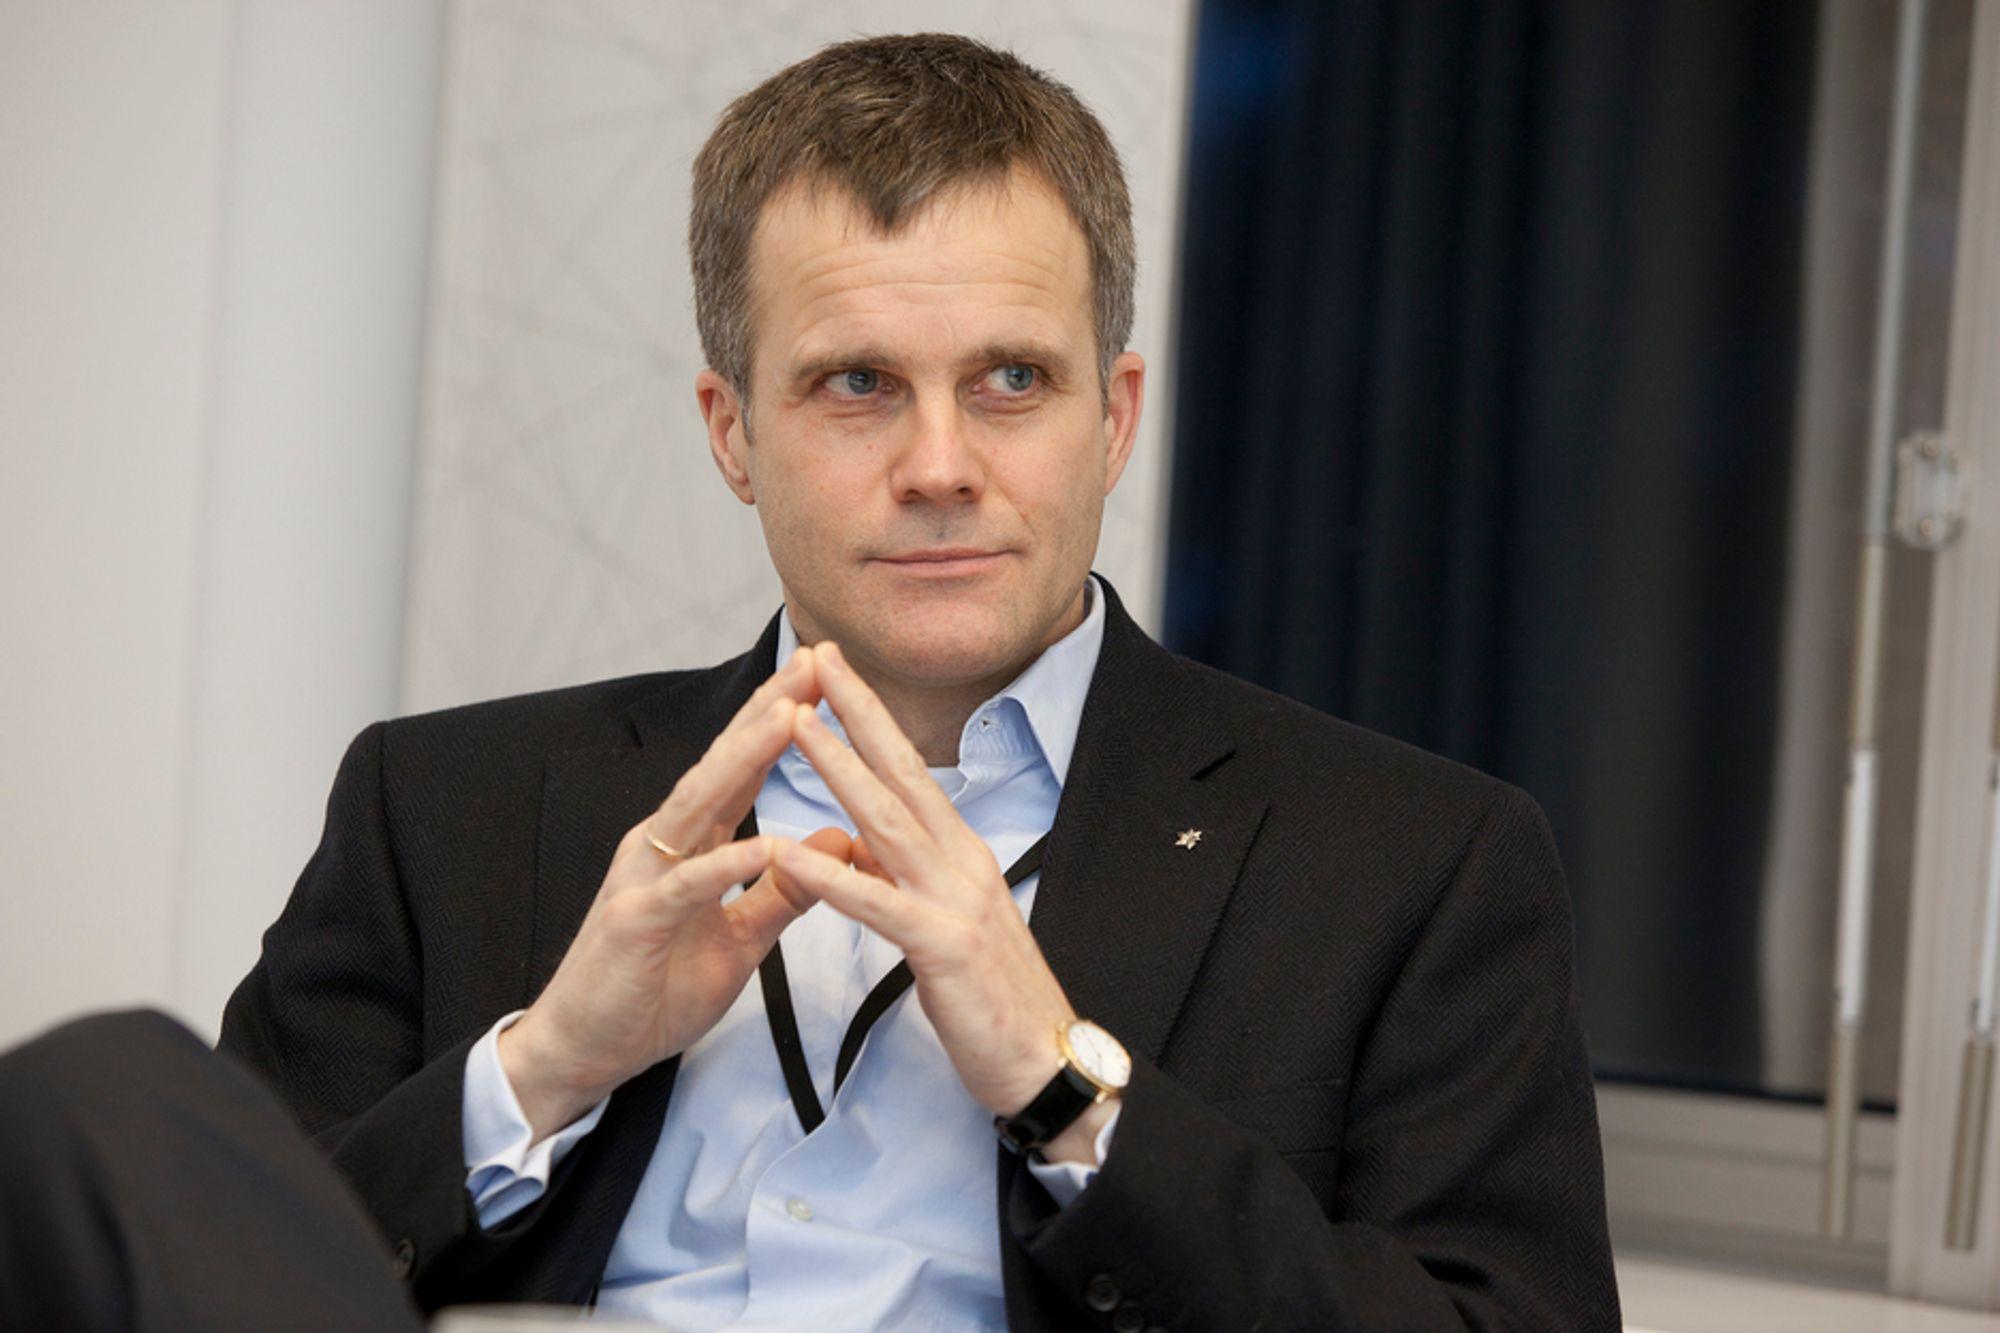 Helge Lund produserte mindre olje og gass i 2010 enn forventet.